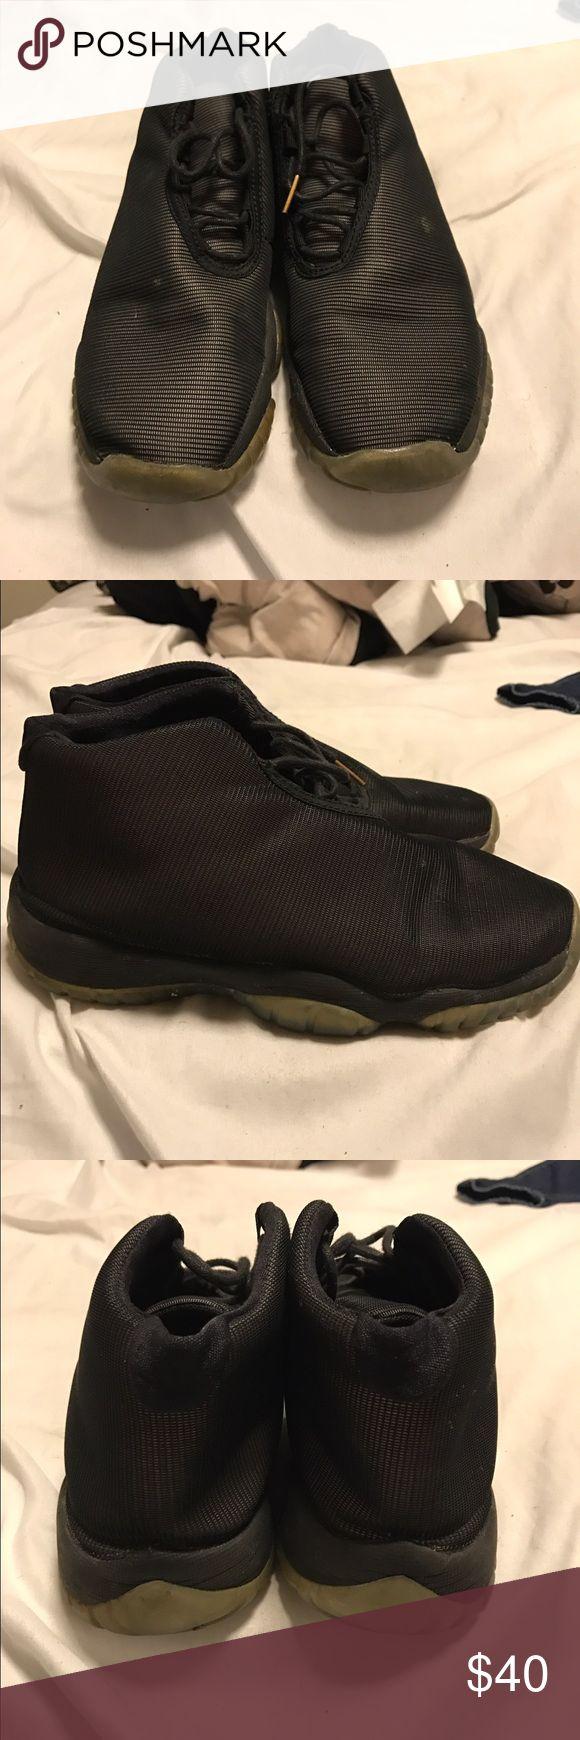 Jordan Futures 3M Reflective Worn jordan futures. 4.5 in kids Jordan Shoes Sneakers